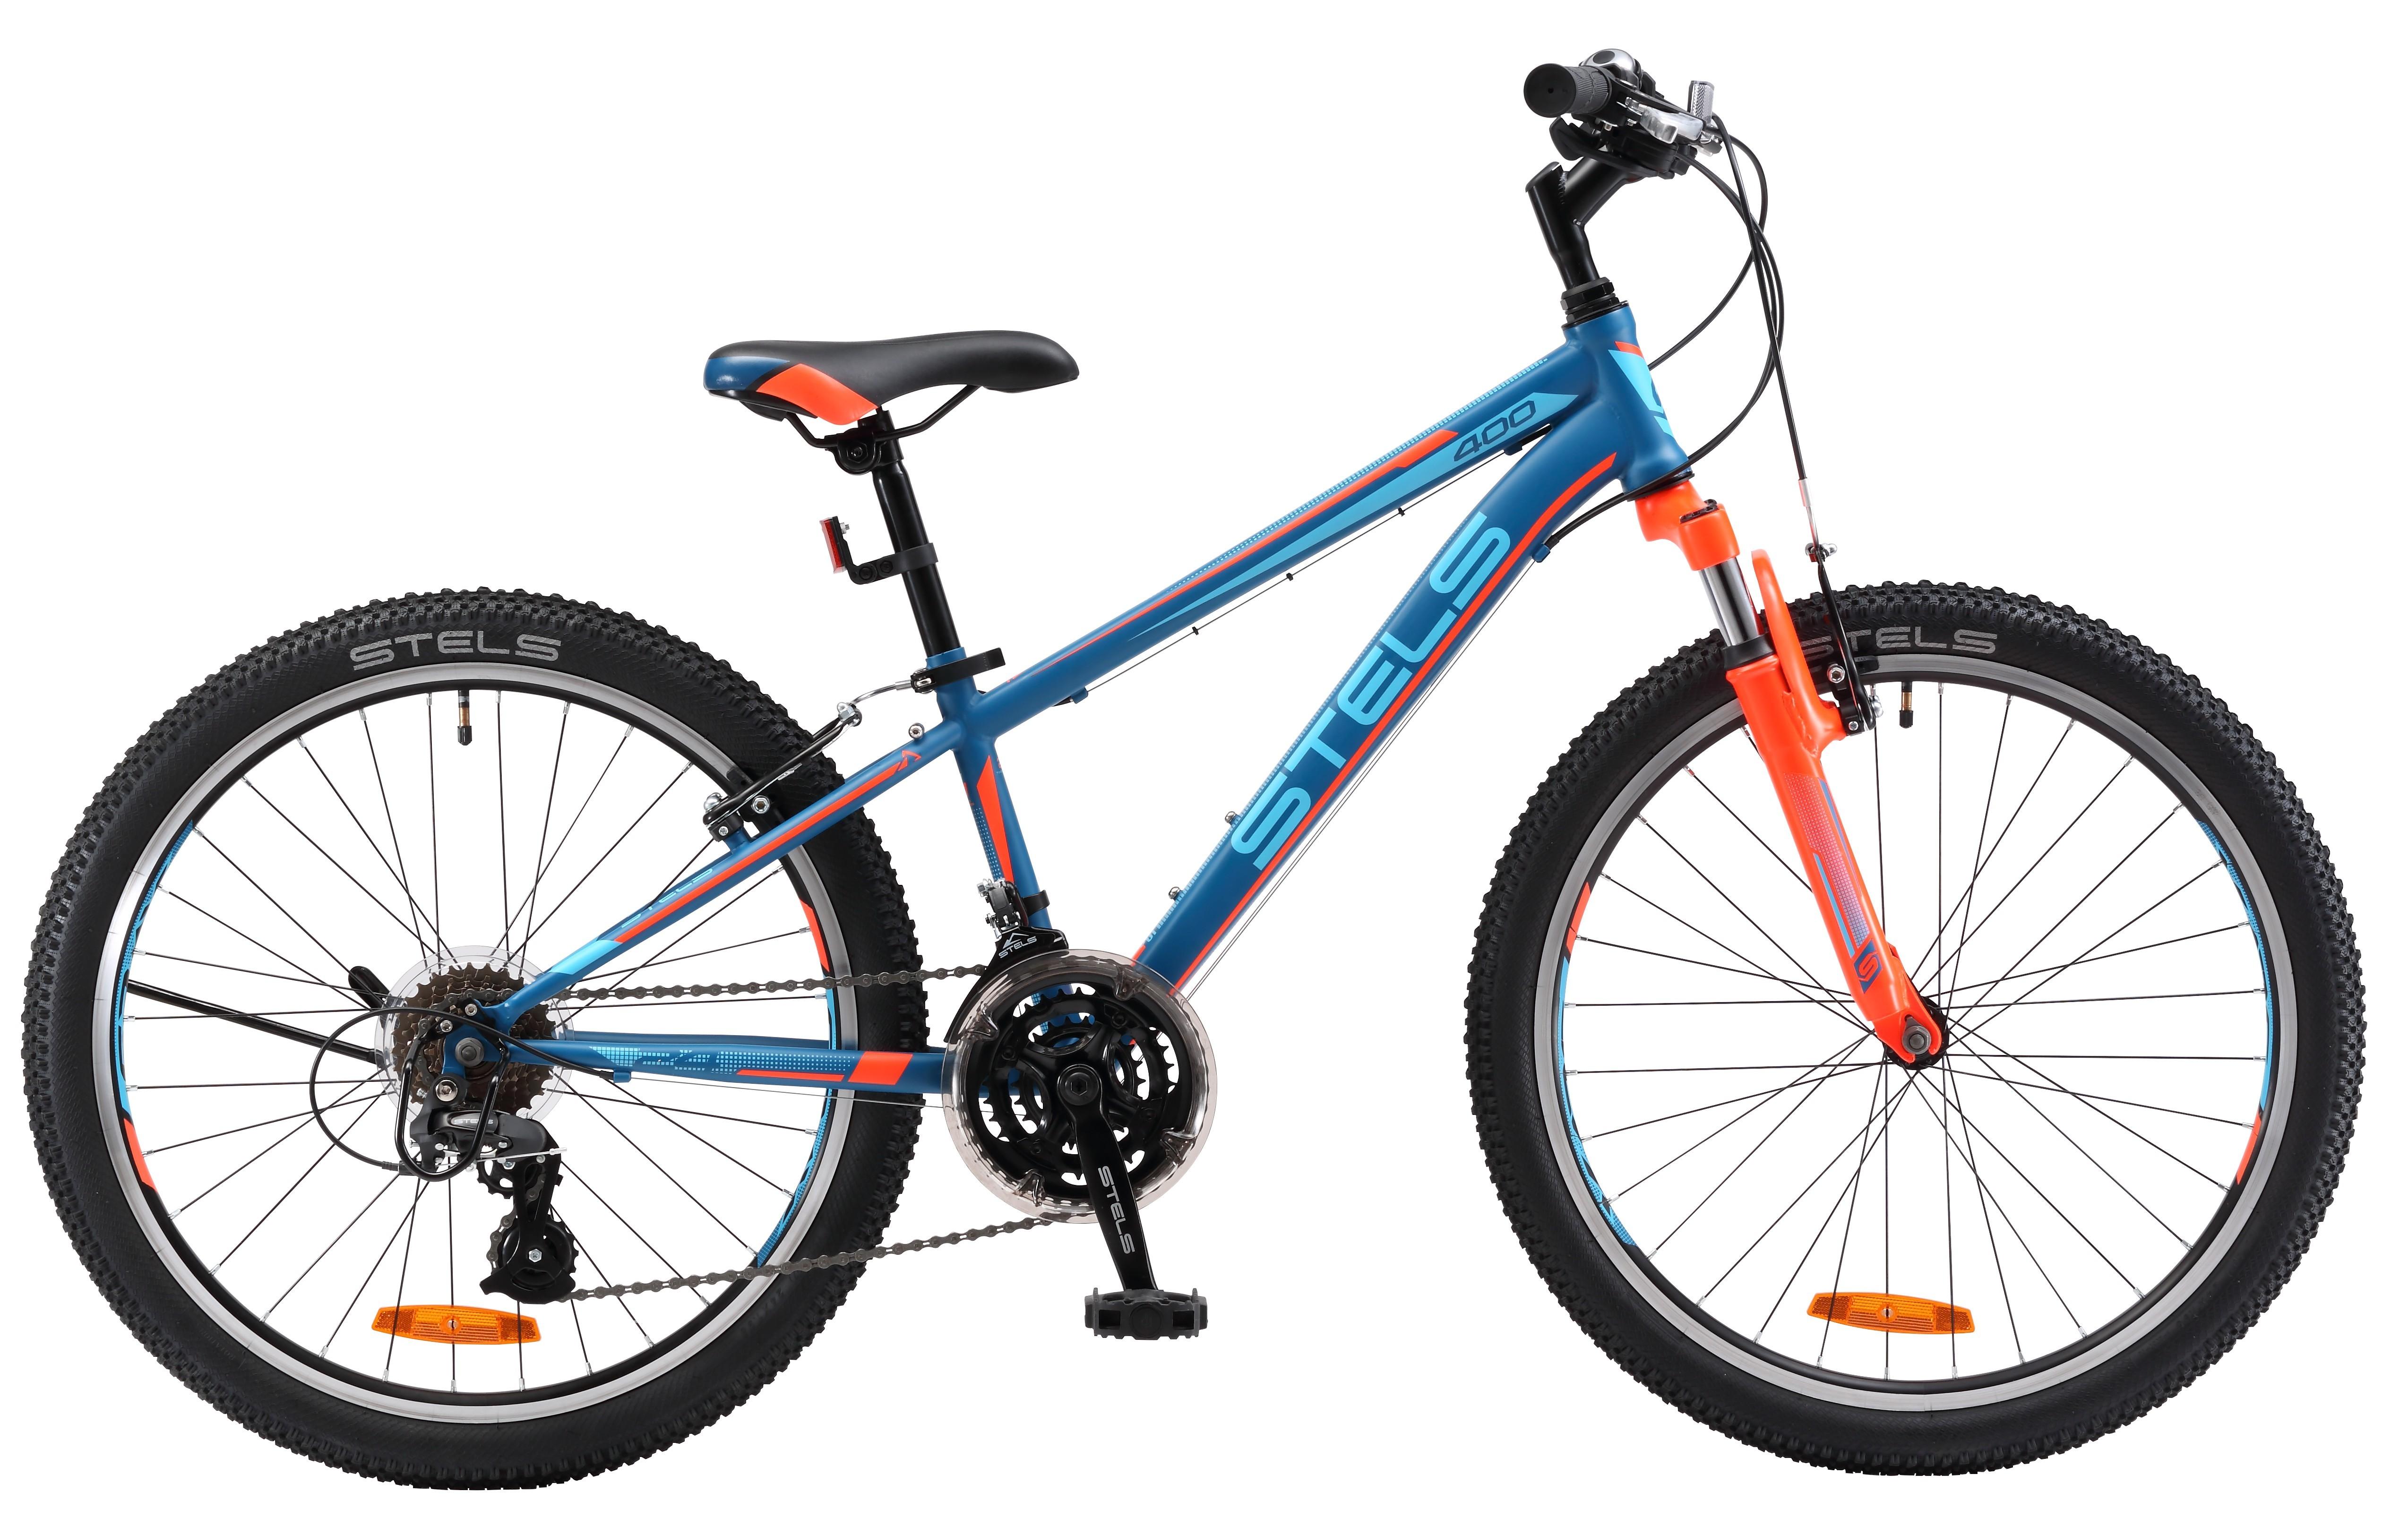 велосипеды стелс максимальная нагрузка это